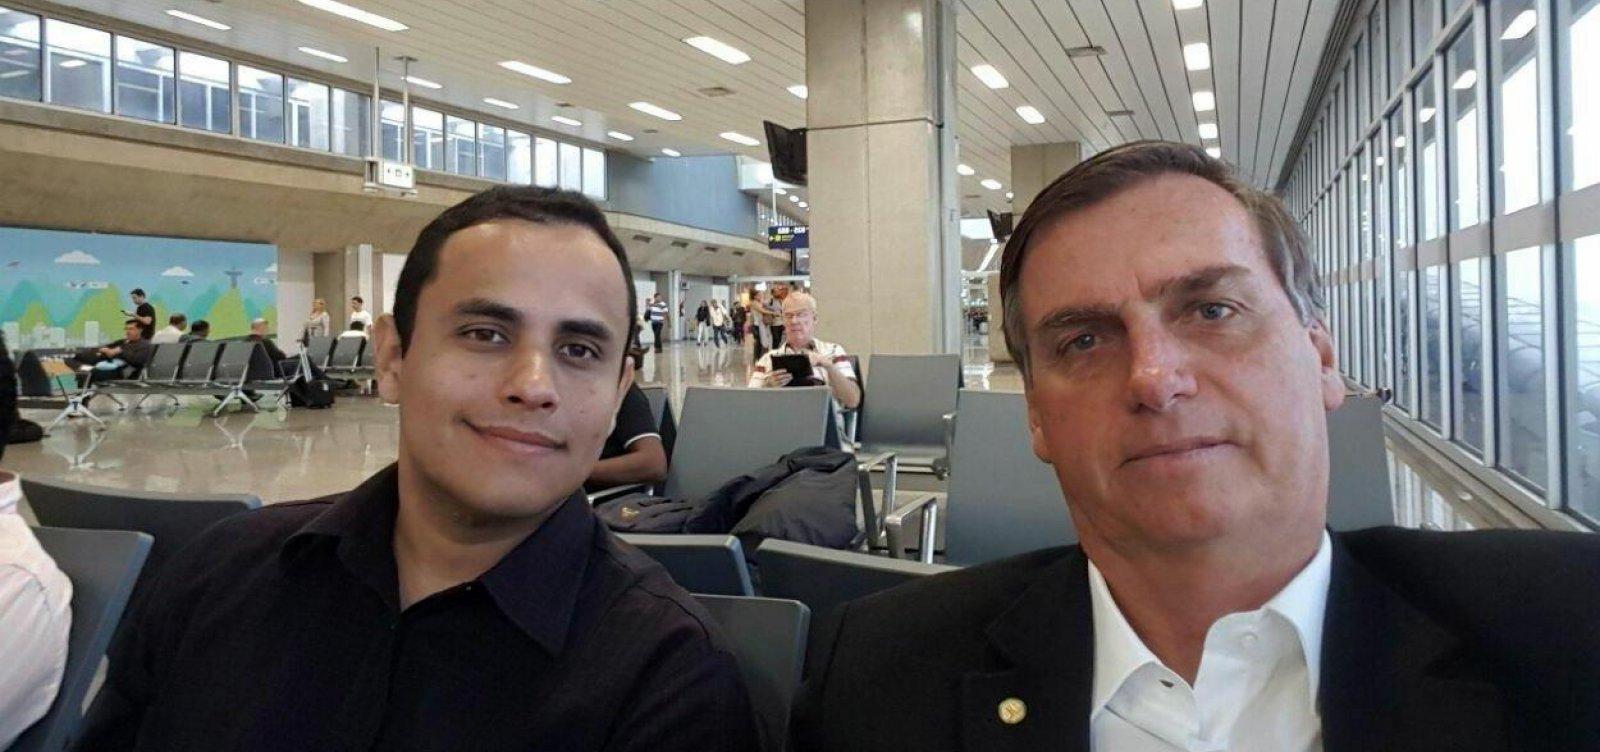 Assessor de Bolsonaro é identificado como administrador de páginas de fake news removidas no Facebook